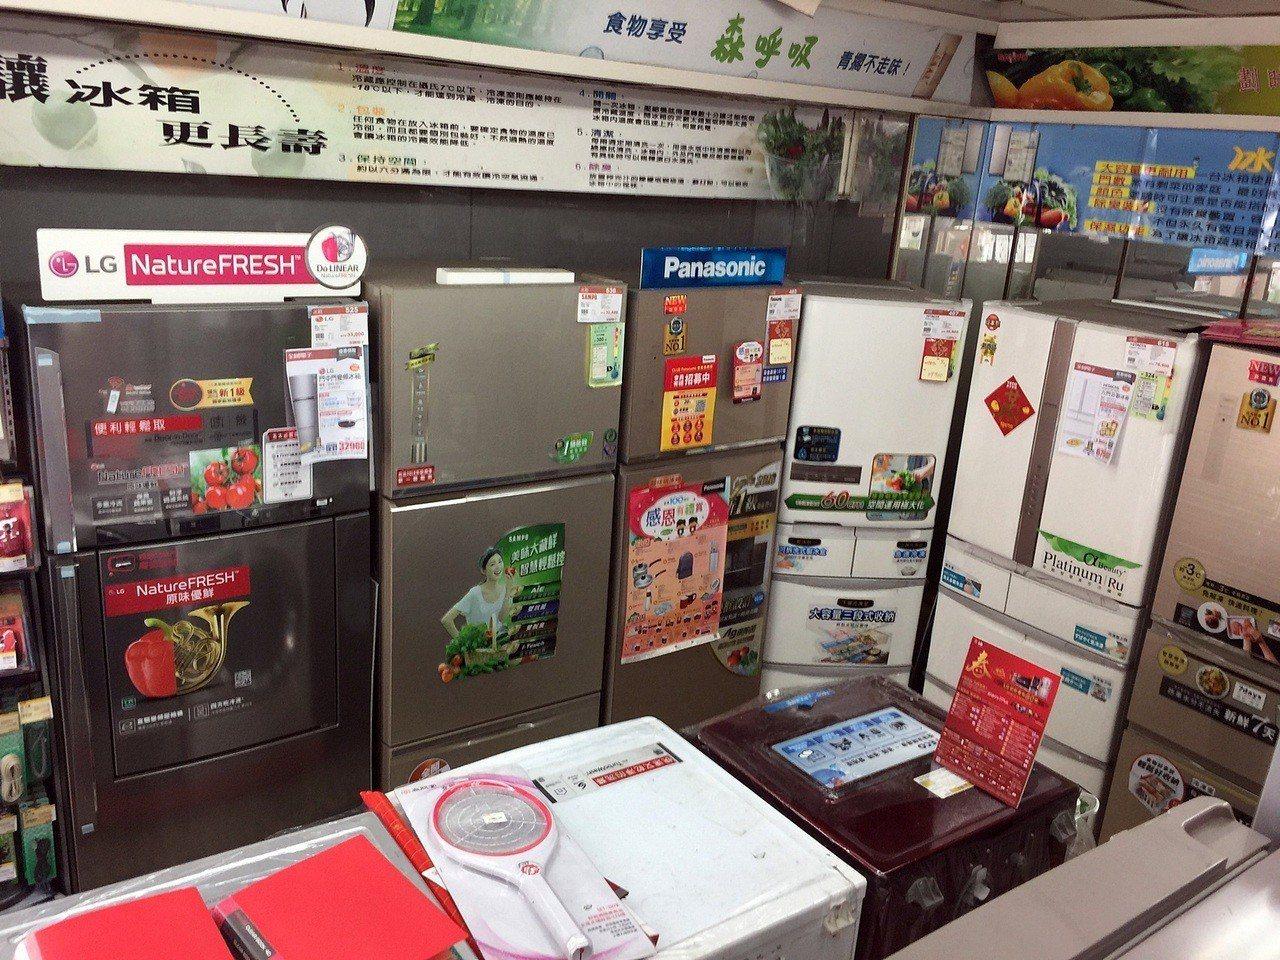 經濟部能源局獎勵民衆汰換節能冰箱、冷氣機,每臺最高皆補助3000元,每家戶不限臺數。 圖/嘉義市政府提供